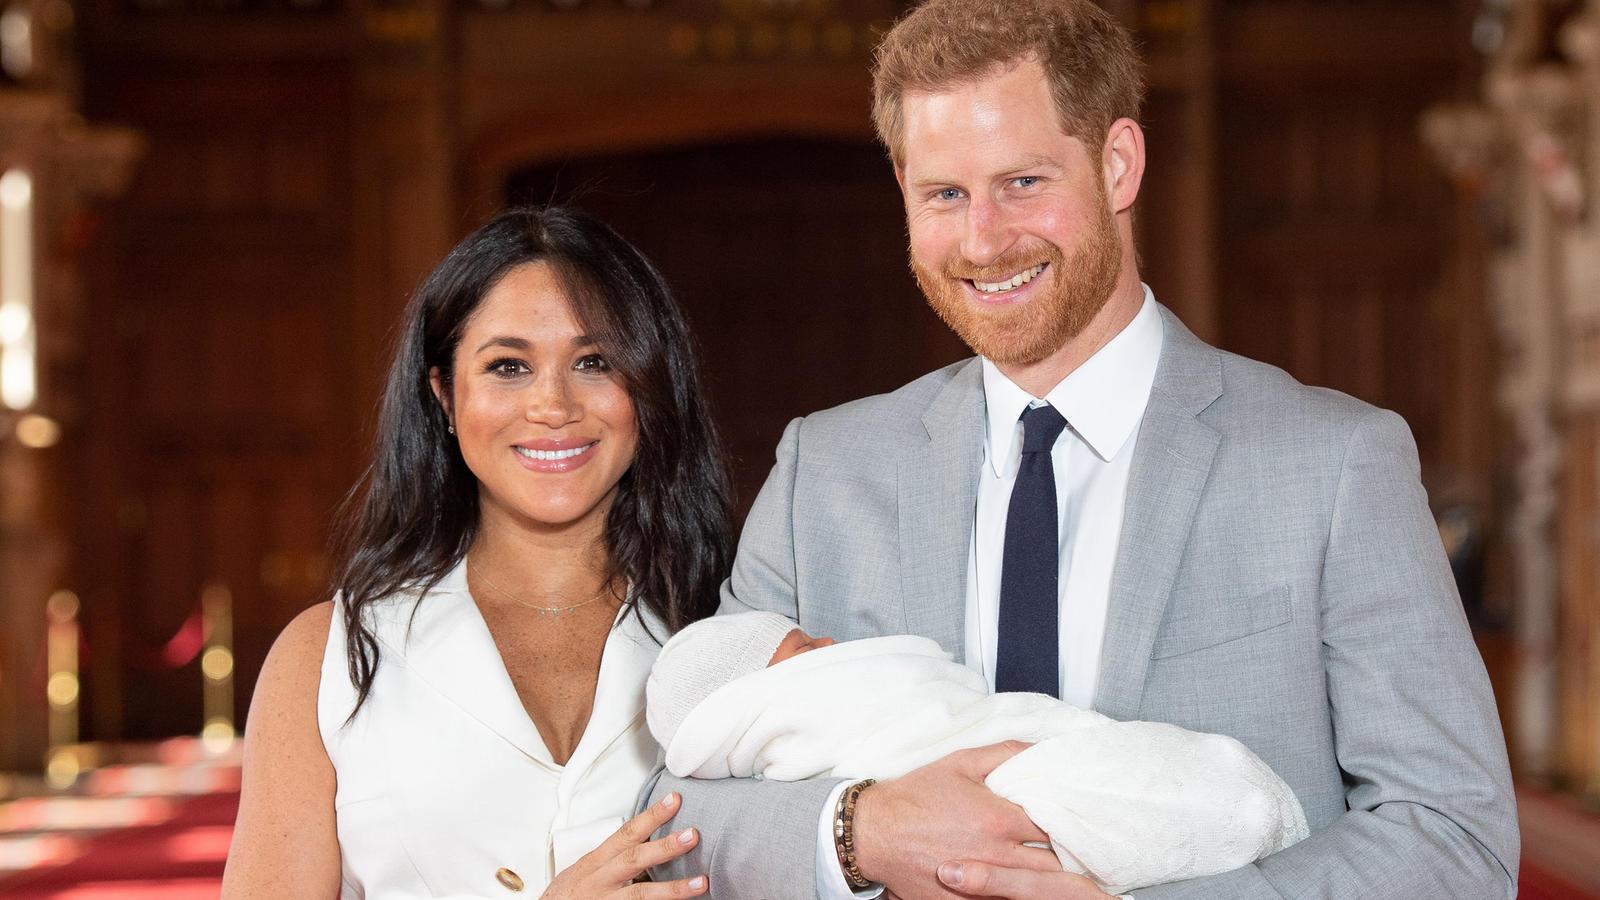 Der Sohn von Prinz Harry und Herzogin Meghan ist  am 6. Mai auf die Welt gekommen.